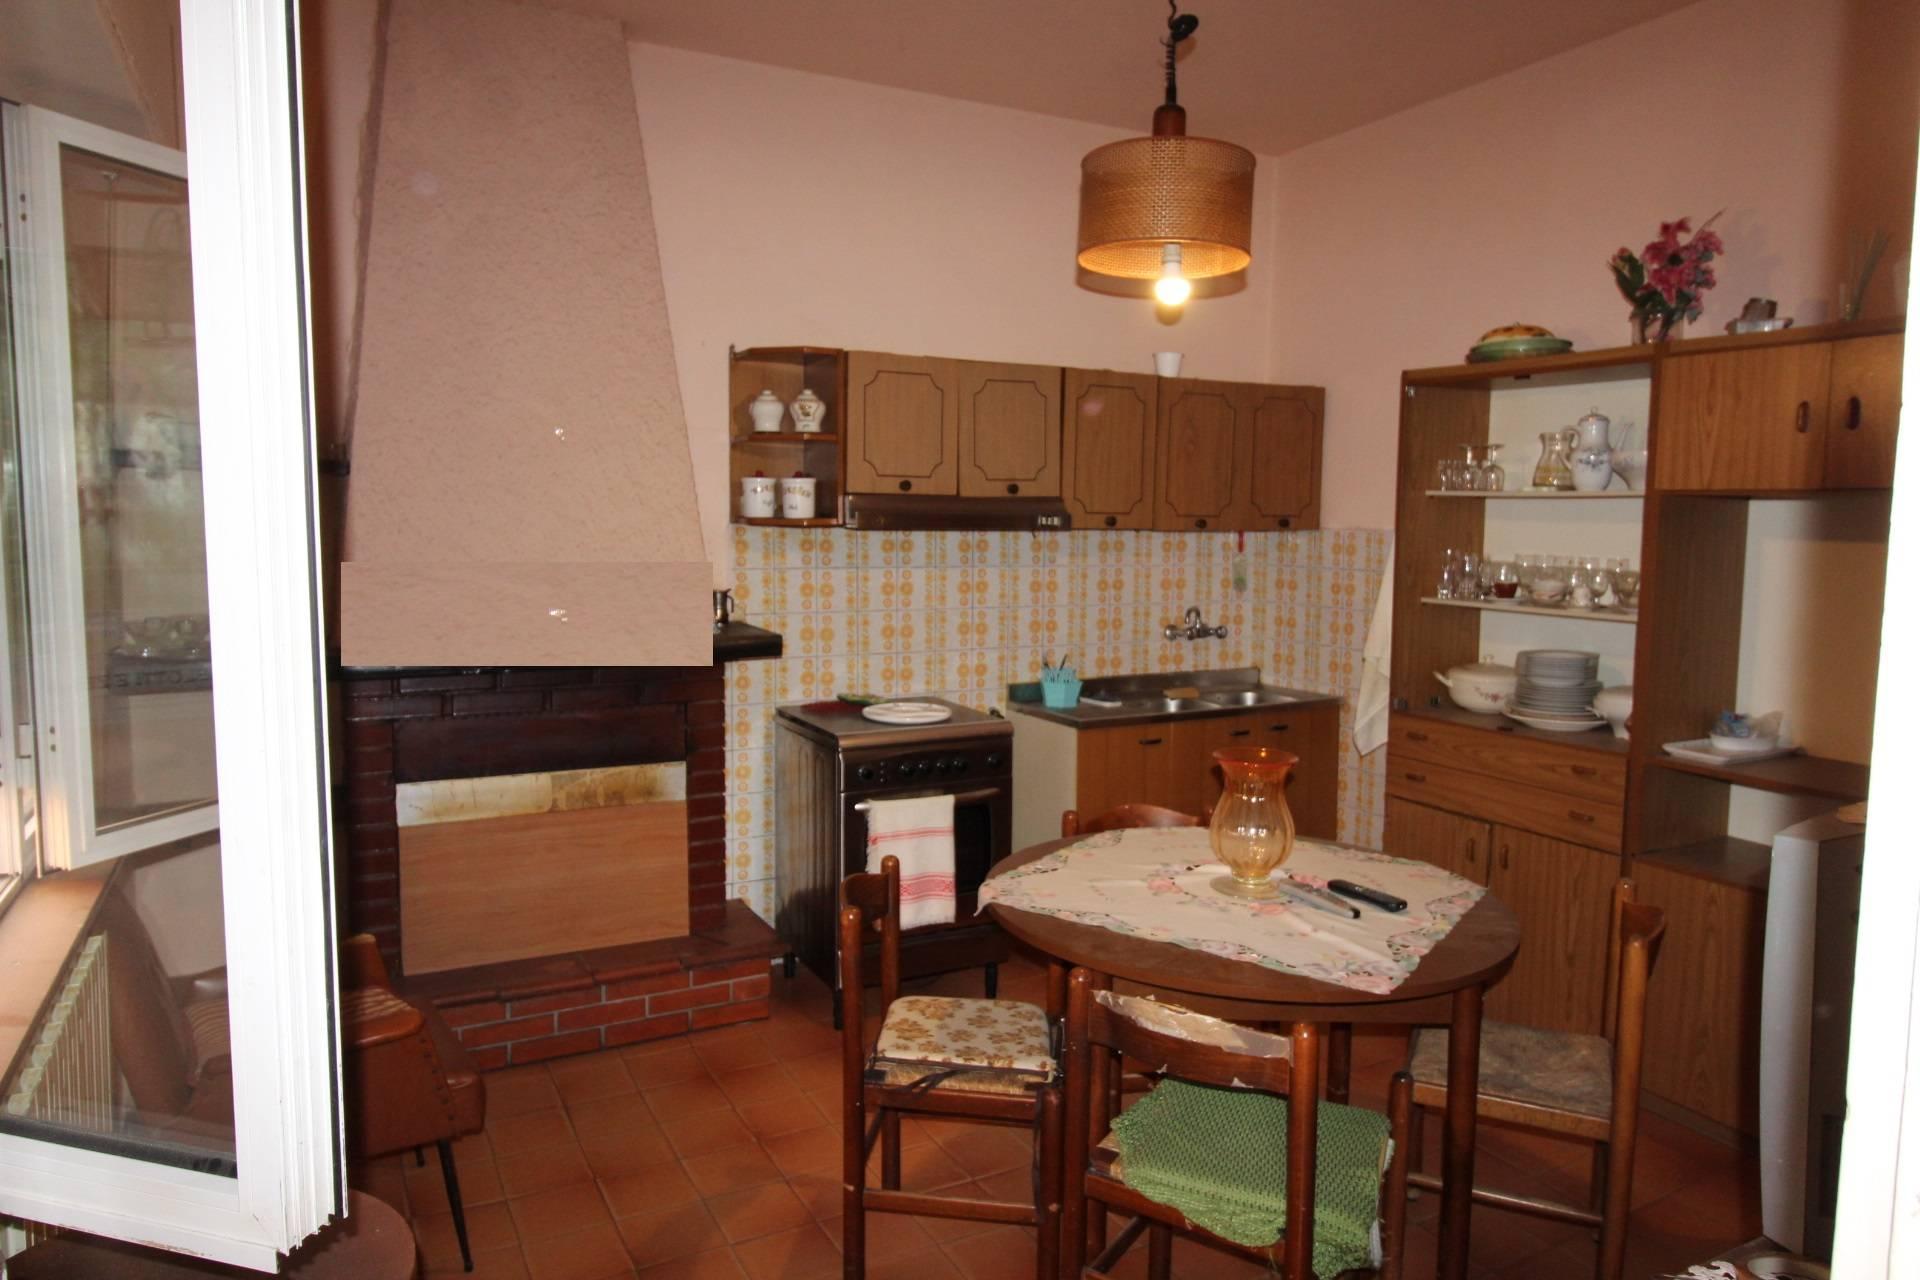 Villa in vendita a Massarosa, 4 locali, prezzo € 195.000 | CambioCasa.it